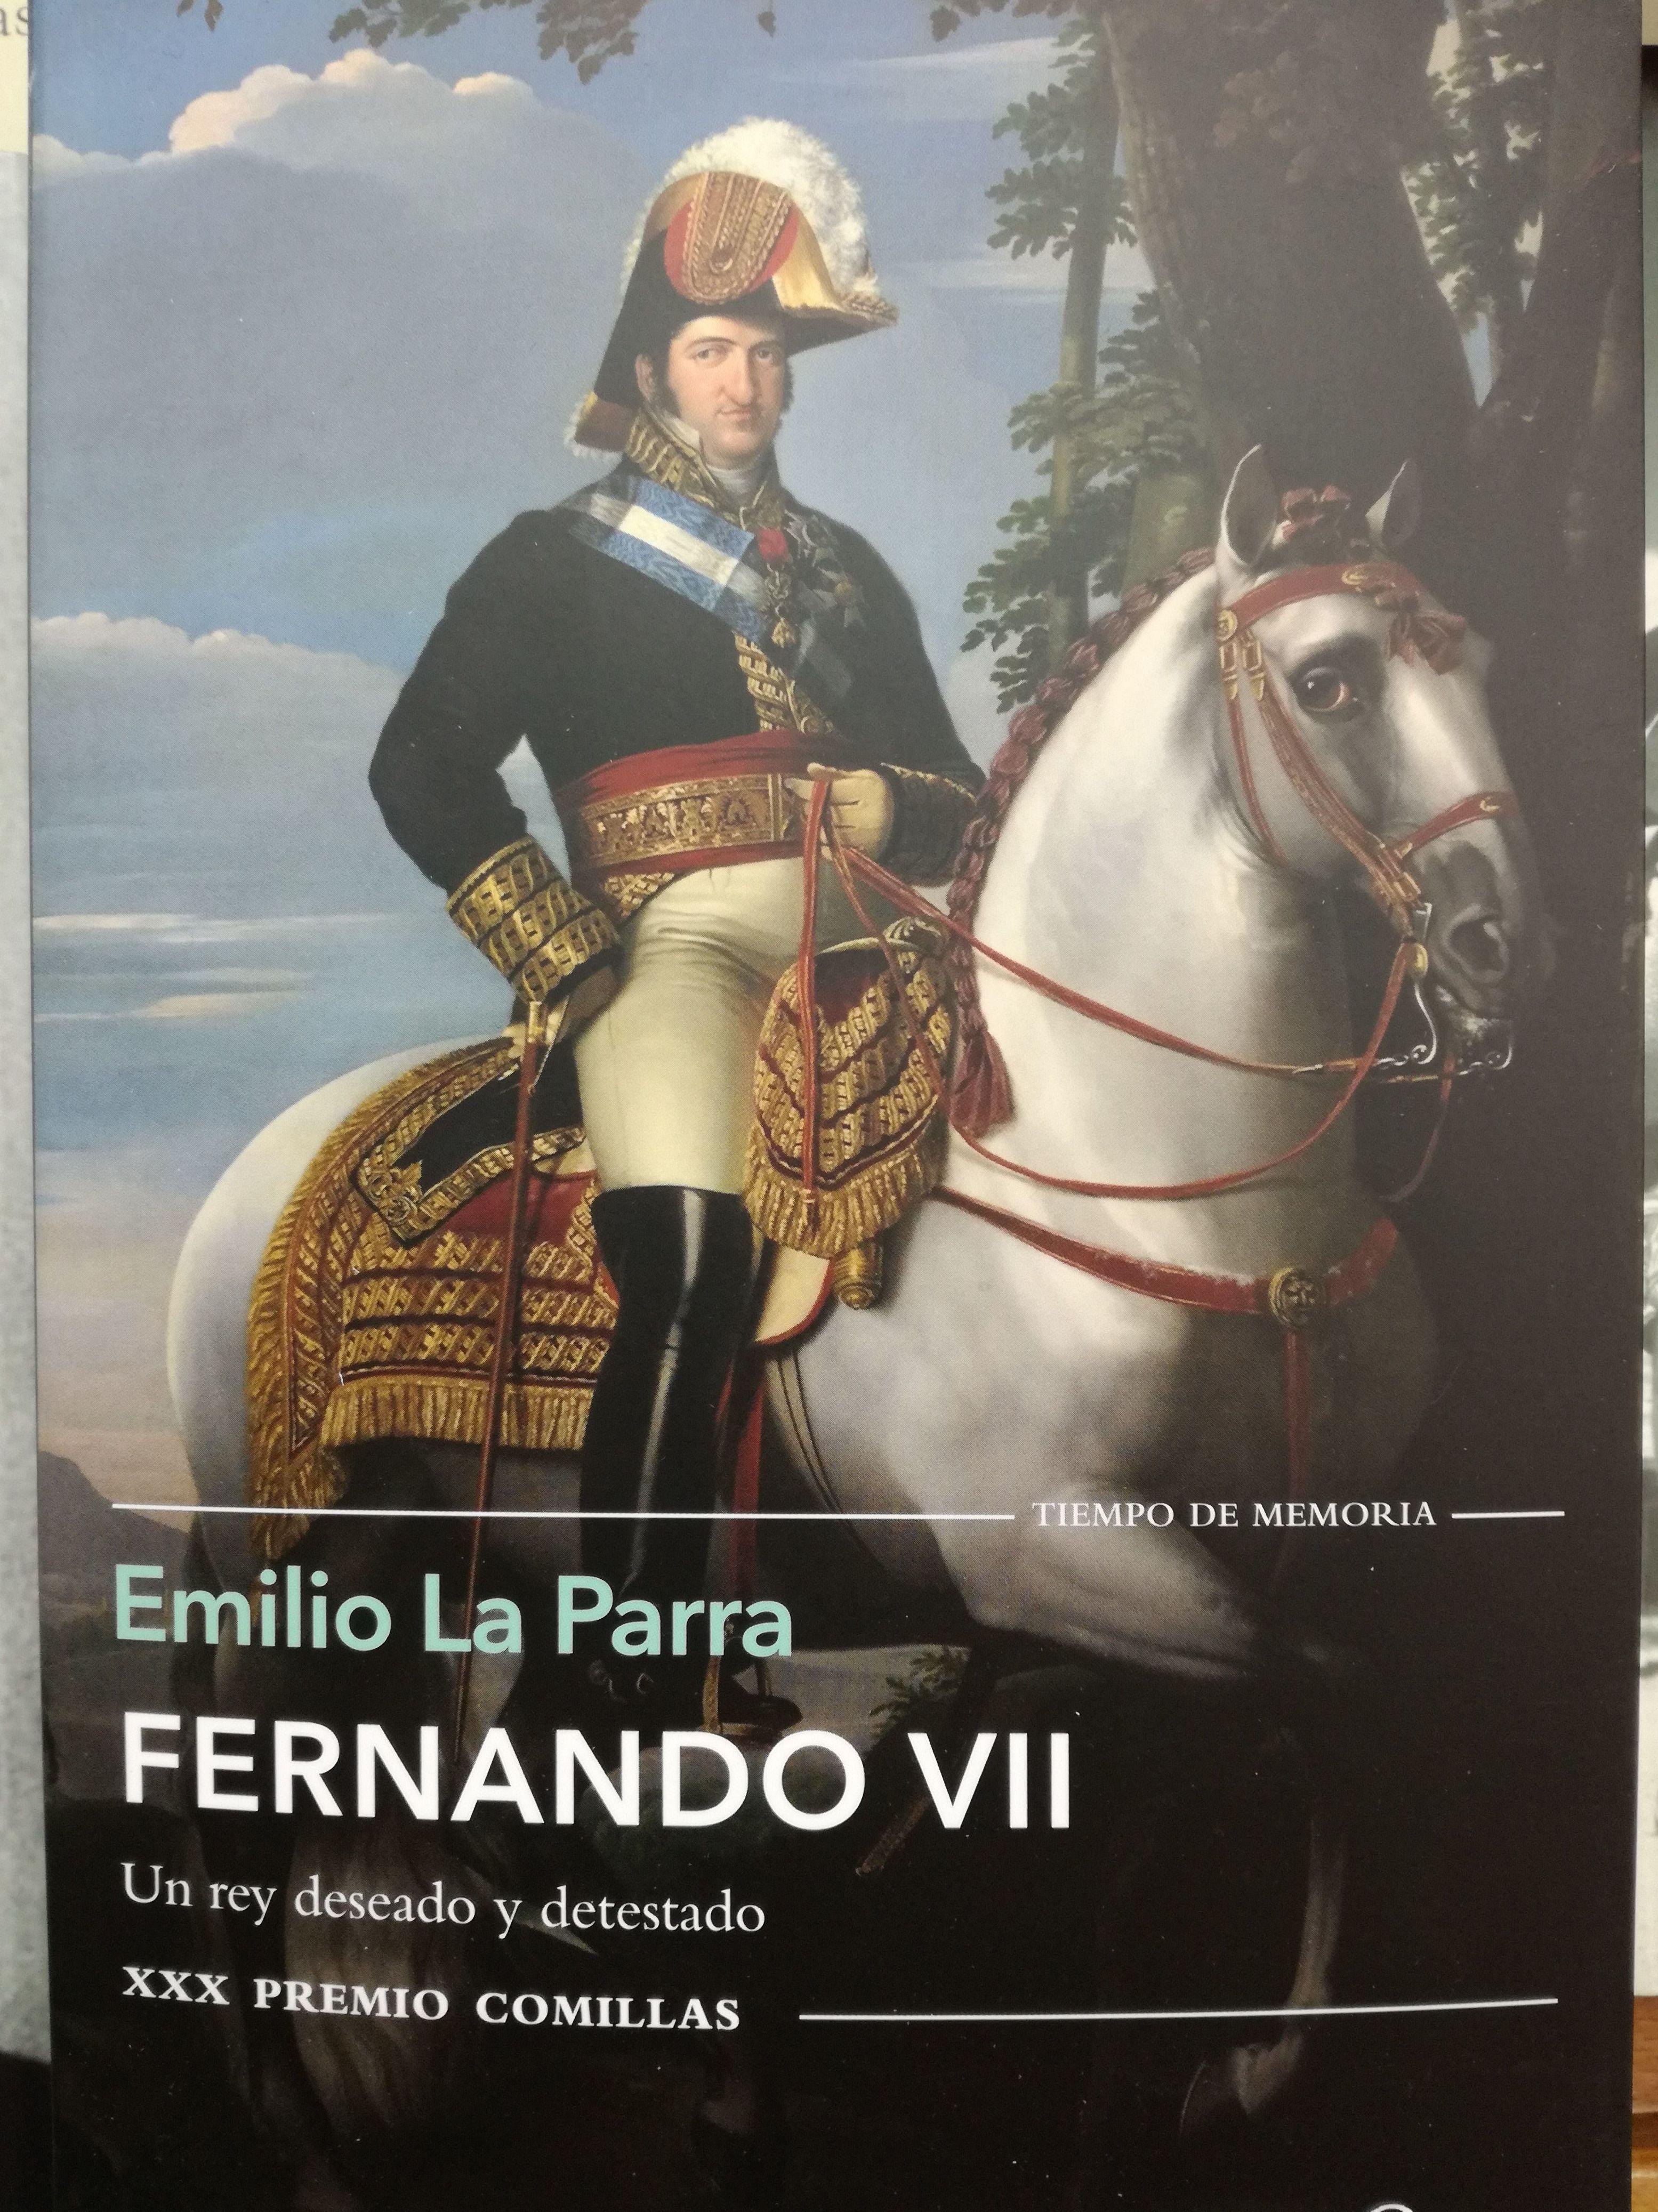 FERNANDO VII: UN REY DESEADO Y DETESTADO : SECCIONES de Librería Nueva Plaza Universitaria